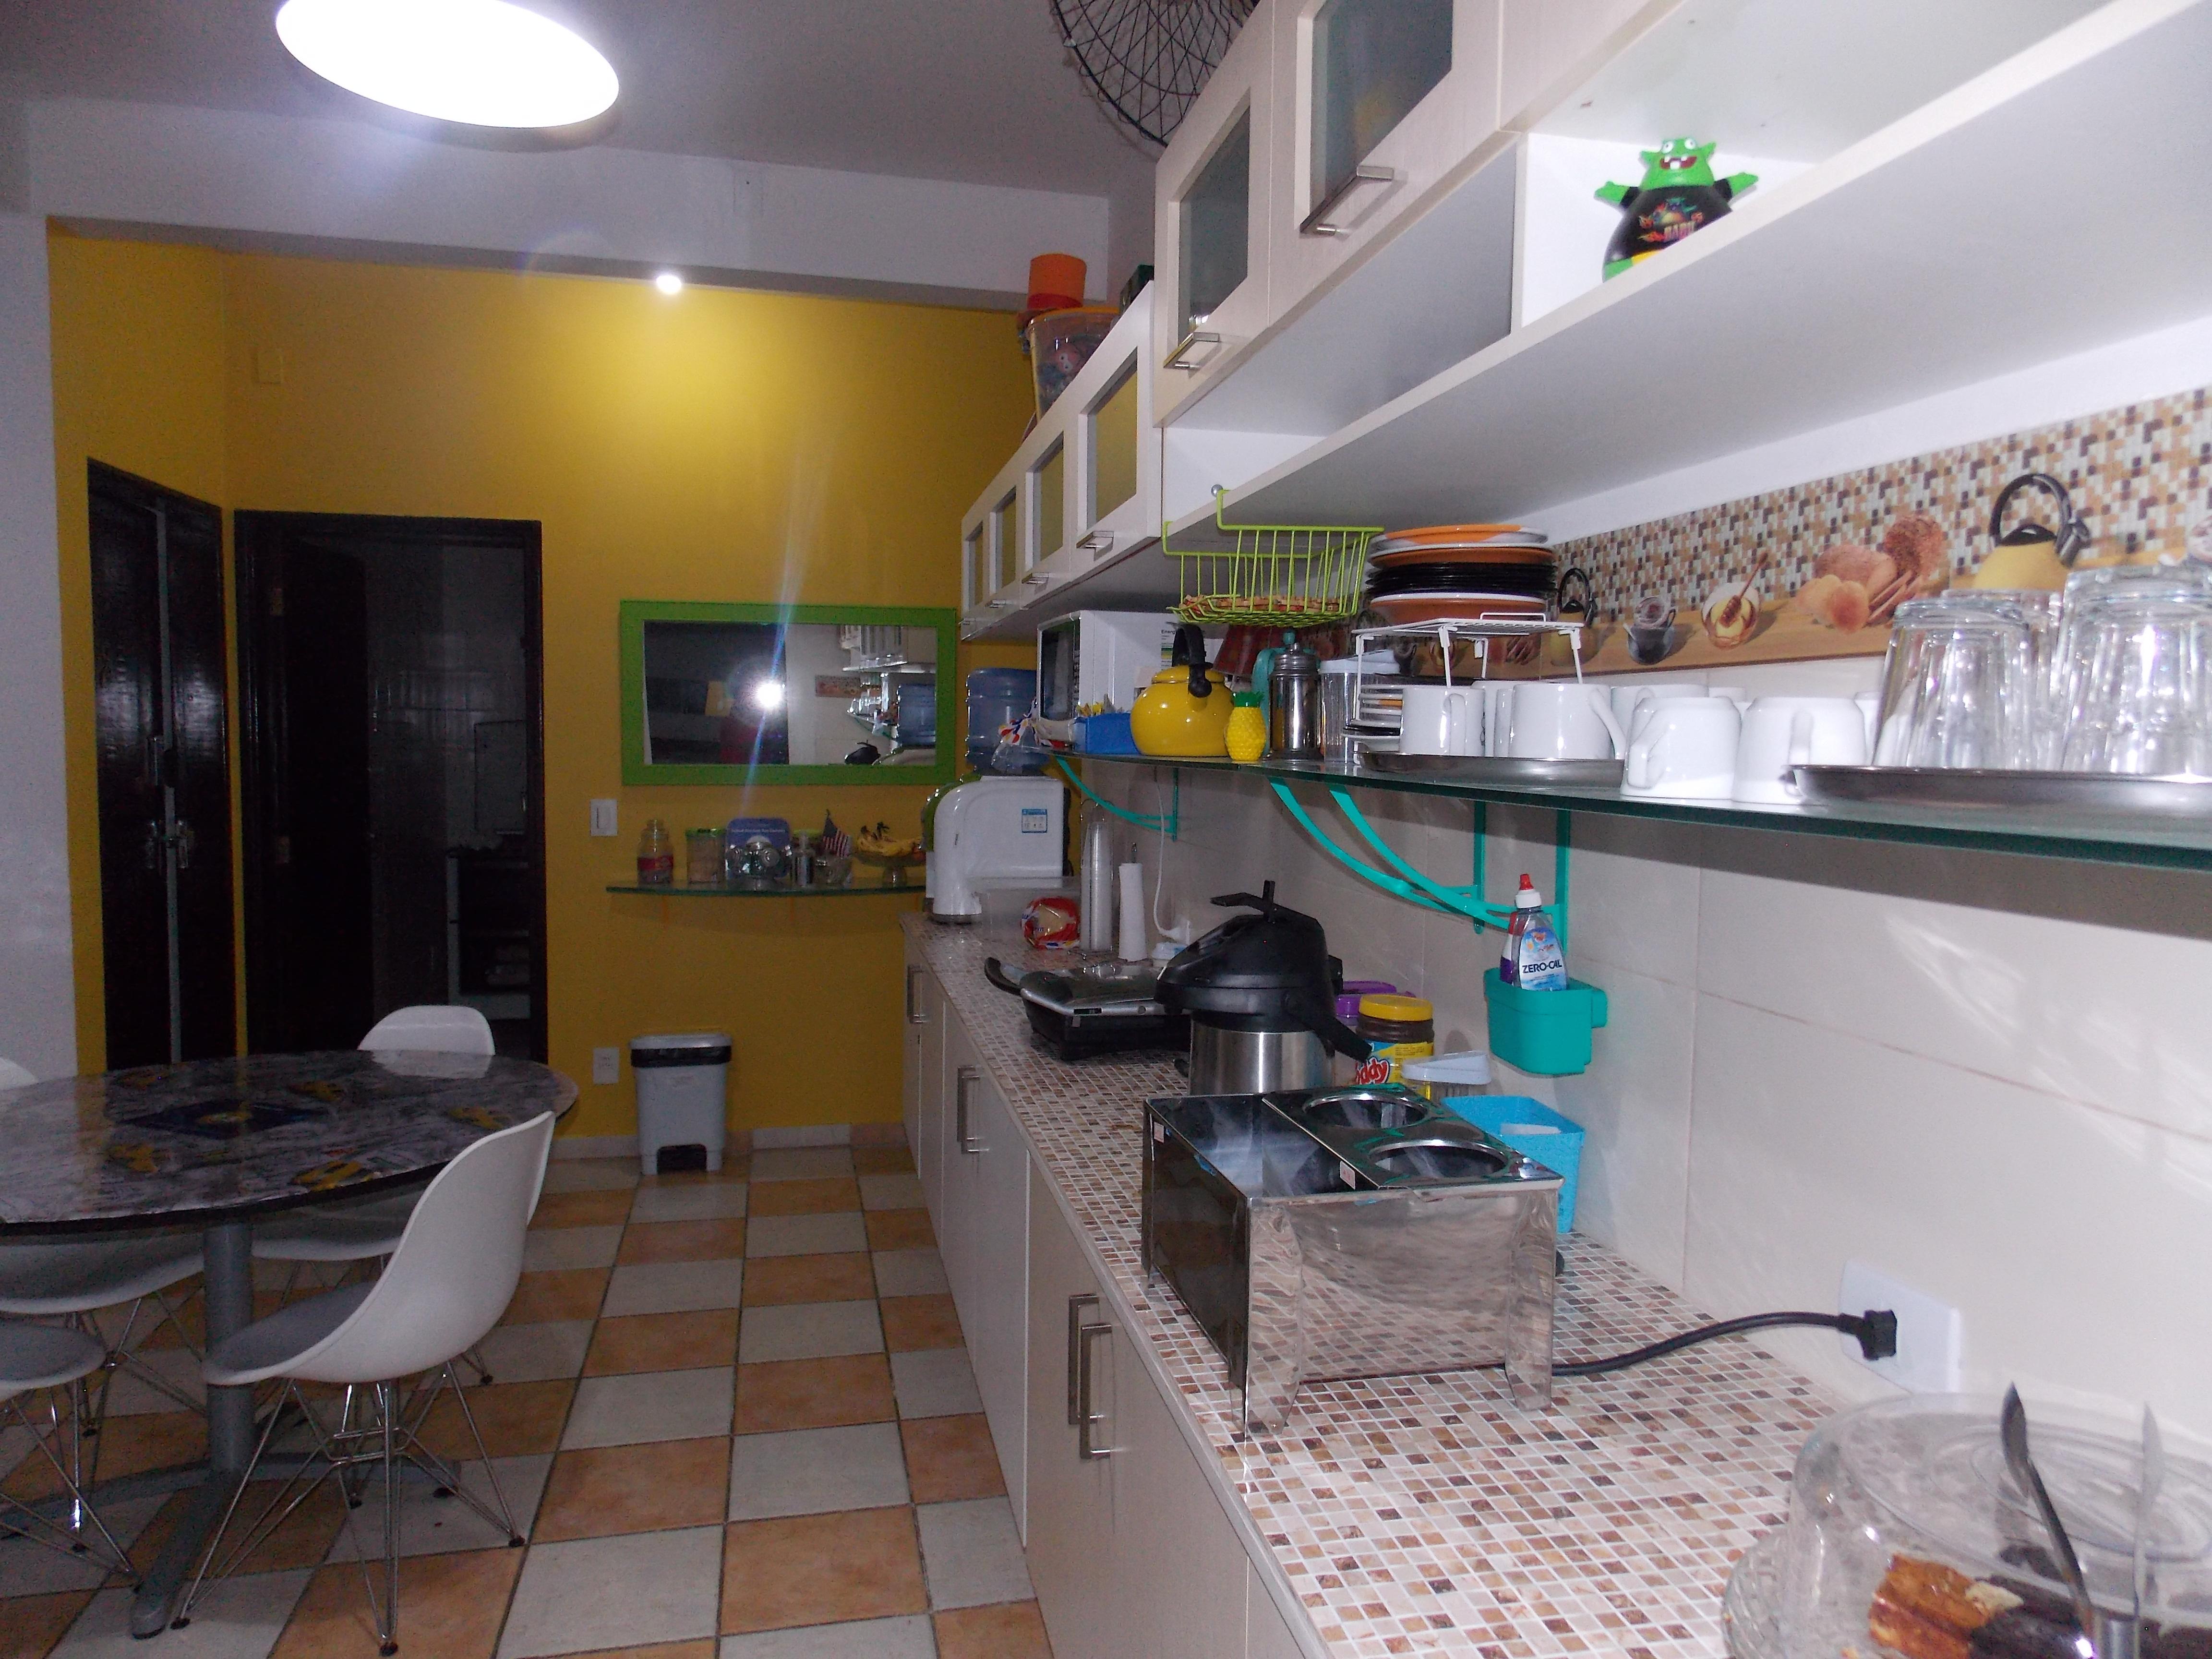 hostel 219 (45).JPG